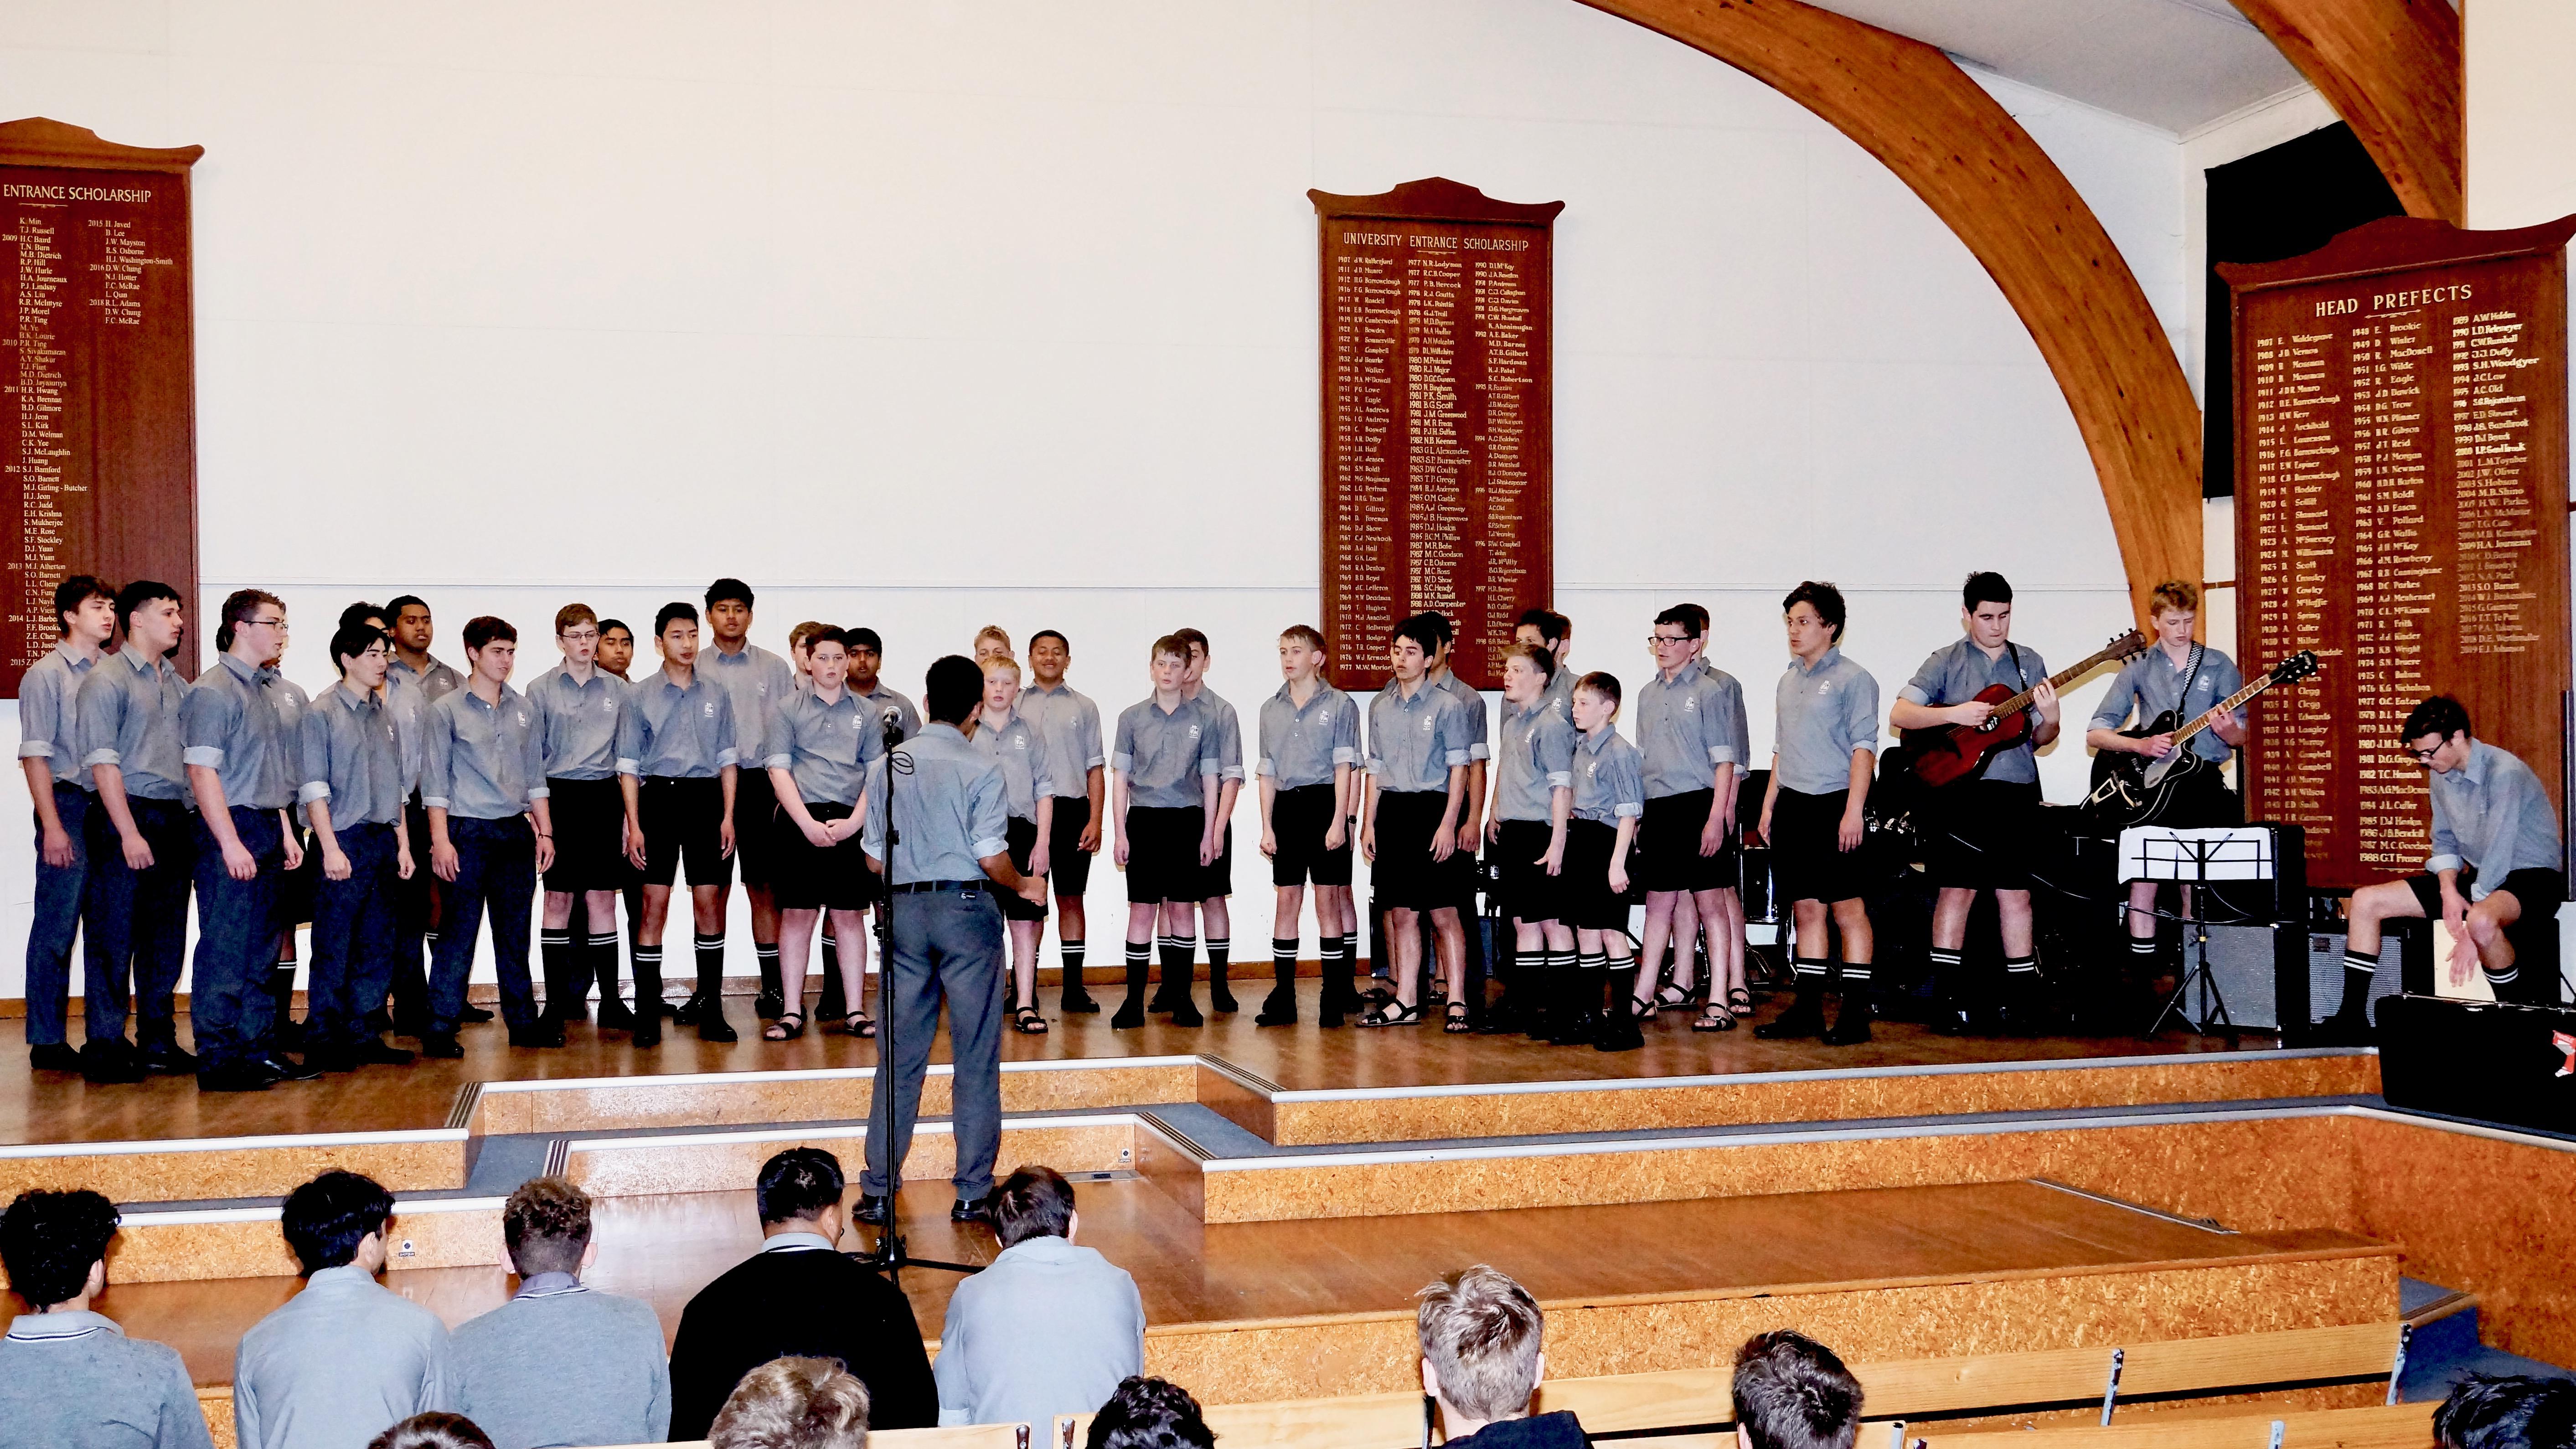 Shand Choral 1